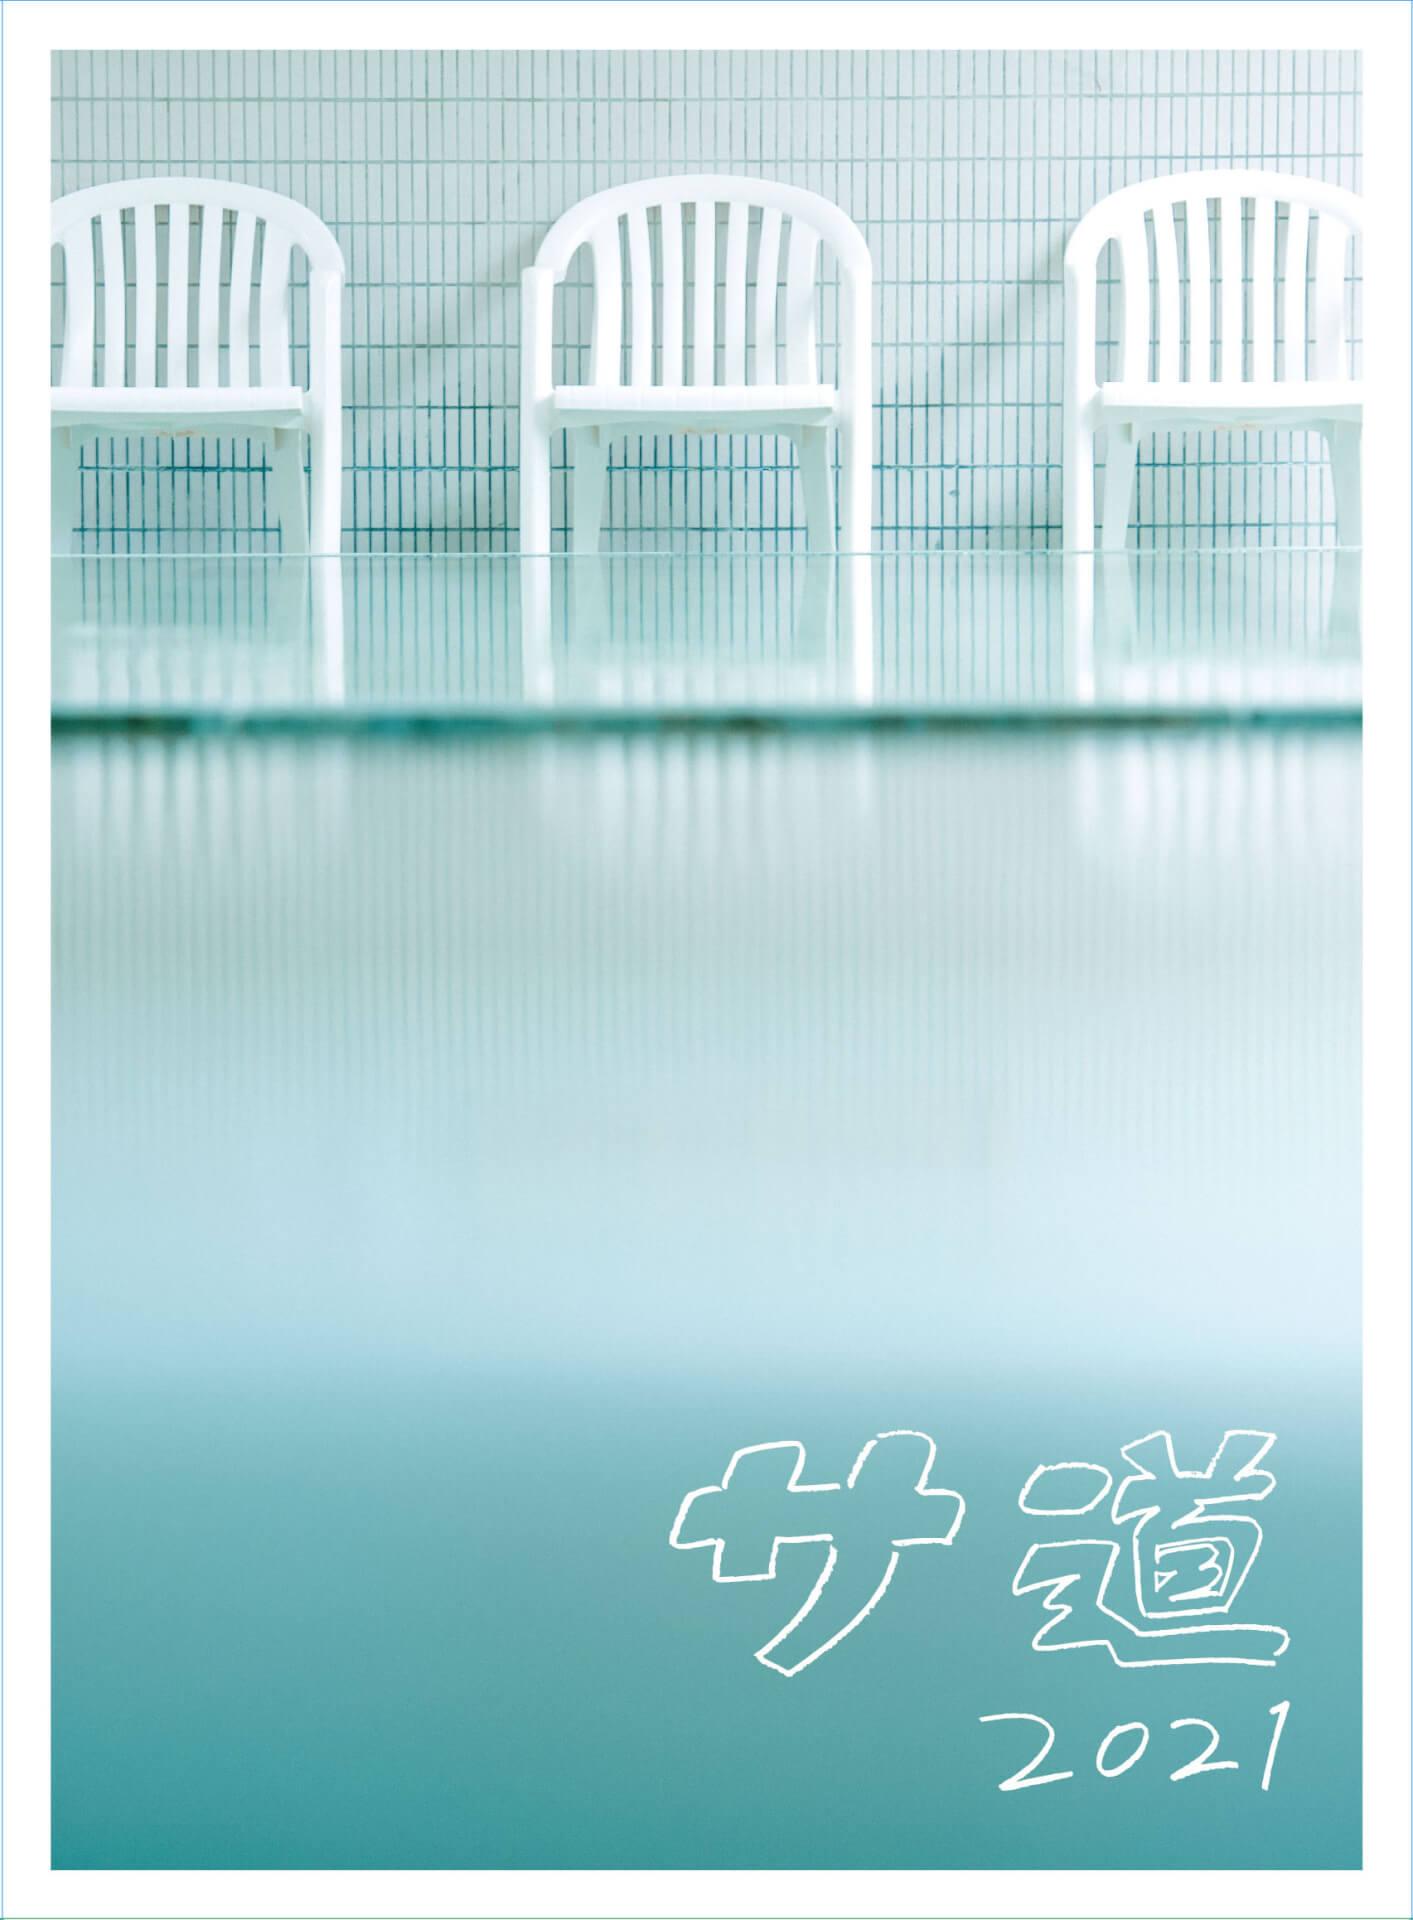 サウナー必見の大人気ドラマ『サ道2021+スペシャル2019・2021』Blu-ray&DVD‐BOXが発売決定! art210925_sadou_main